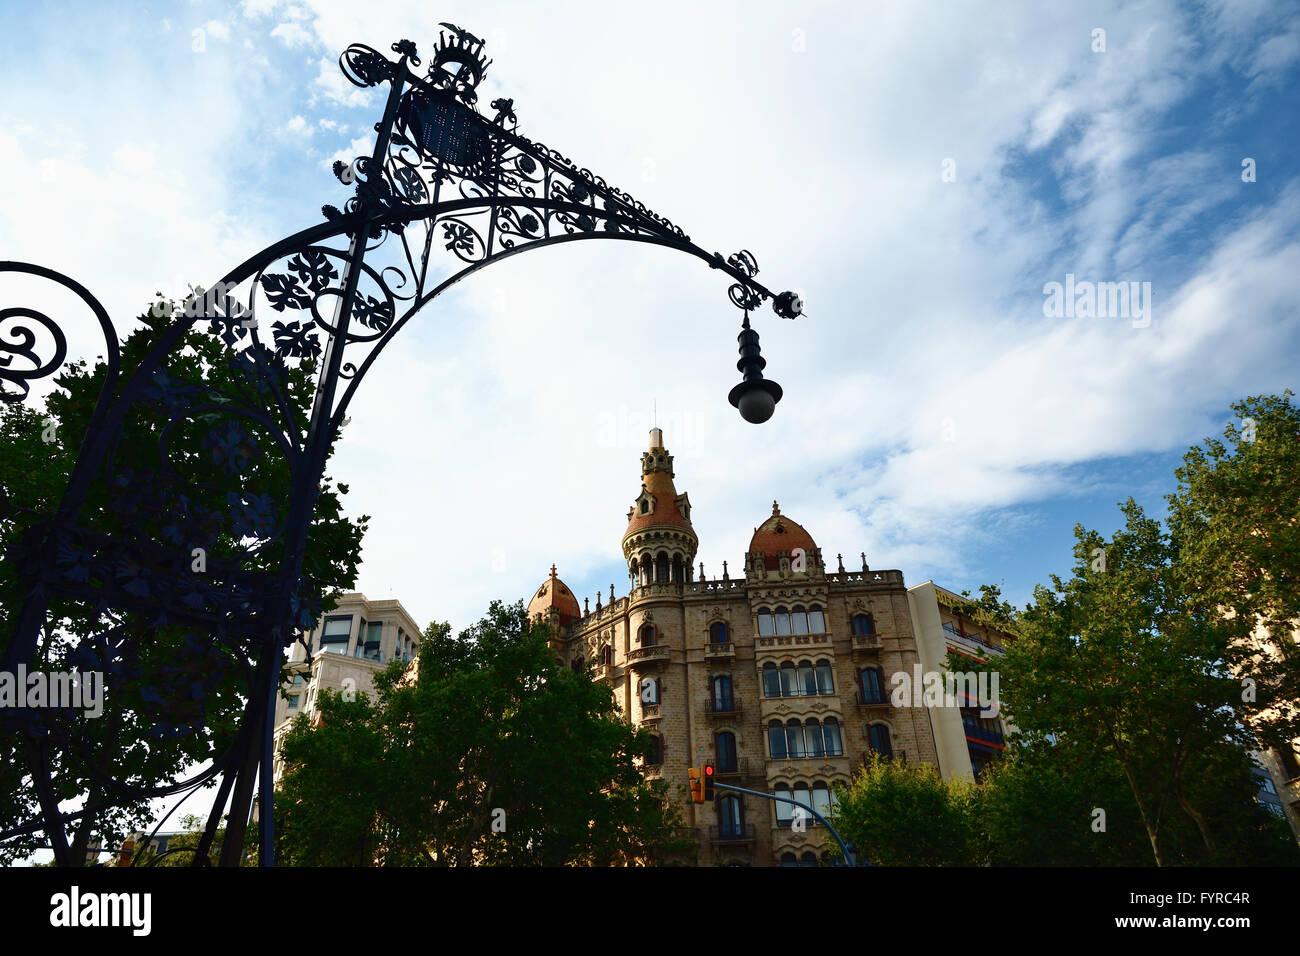 Millora de l'il·luminació exterior a la ciutat de Barcelona